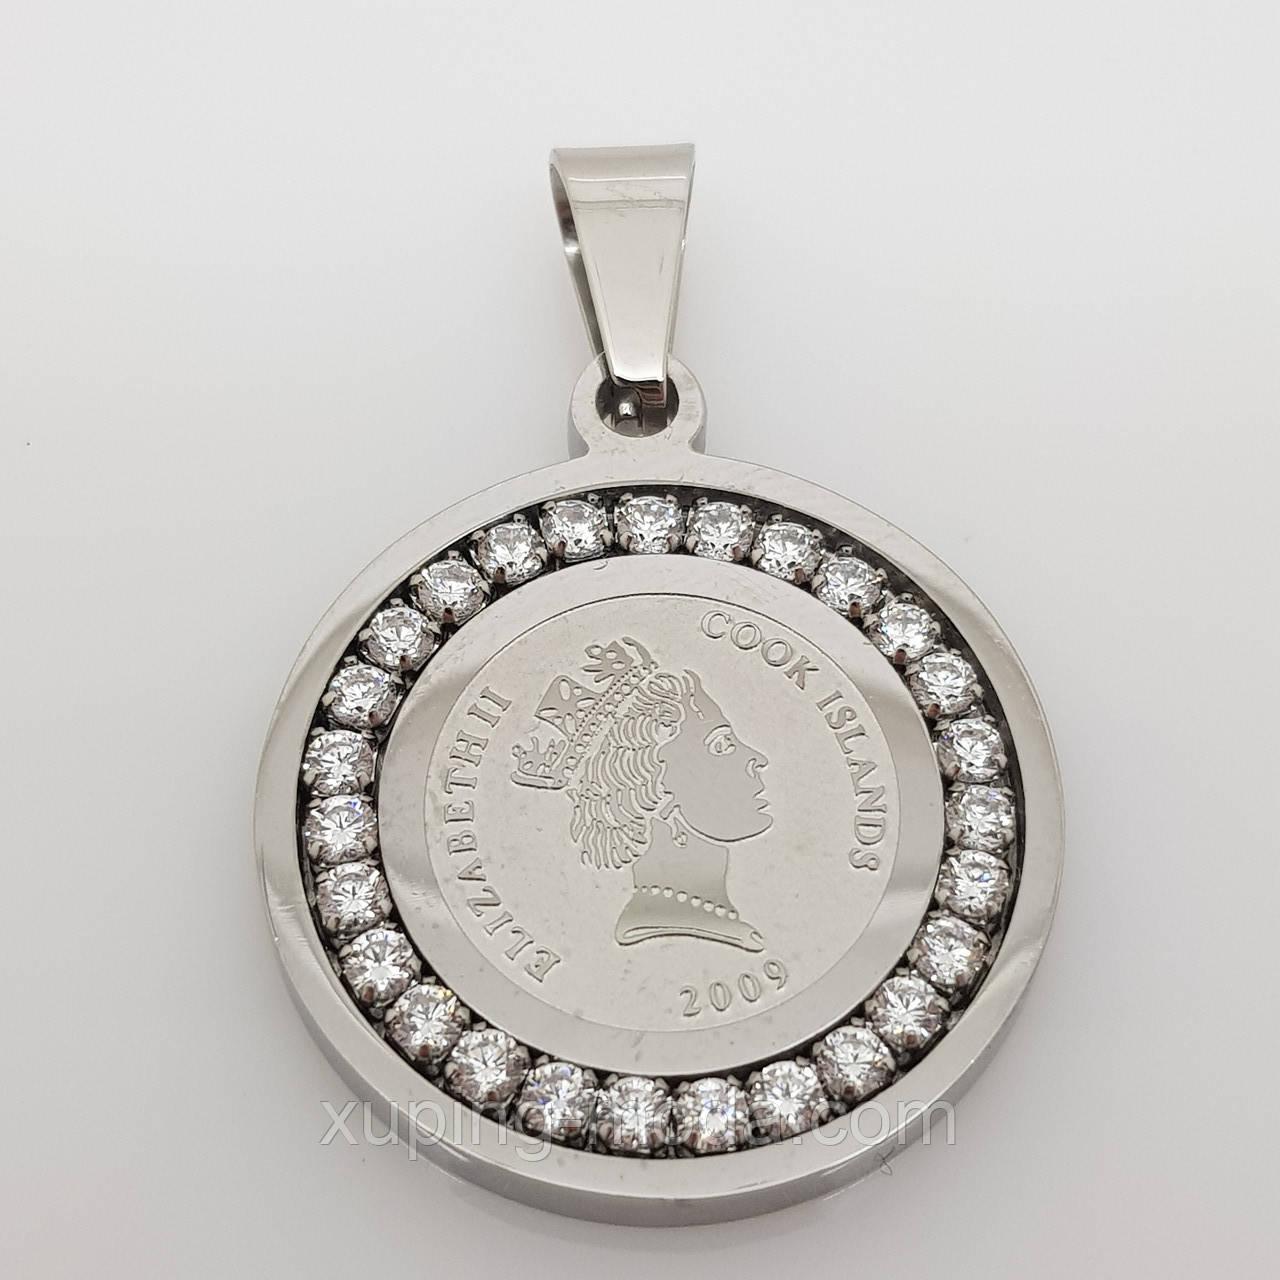 Кулон монета ксюпинг